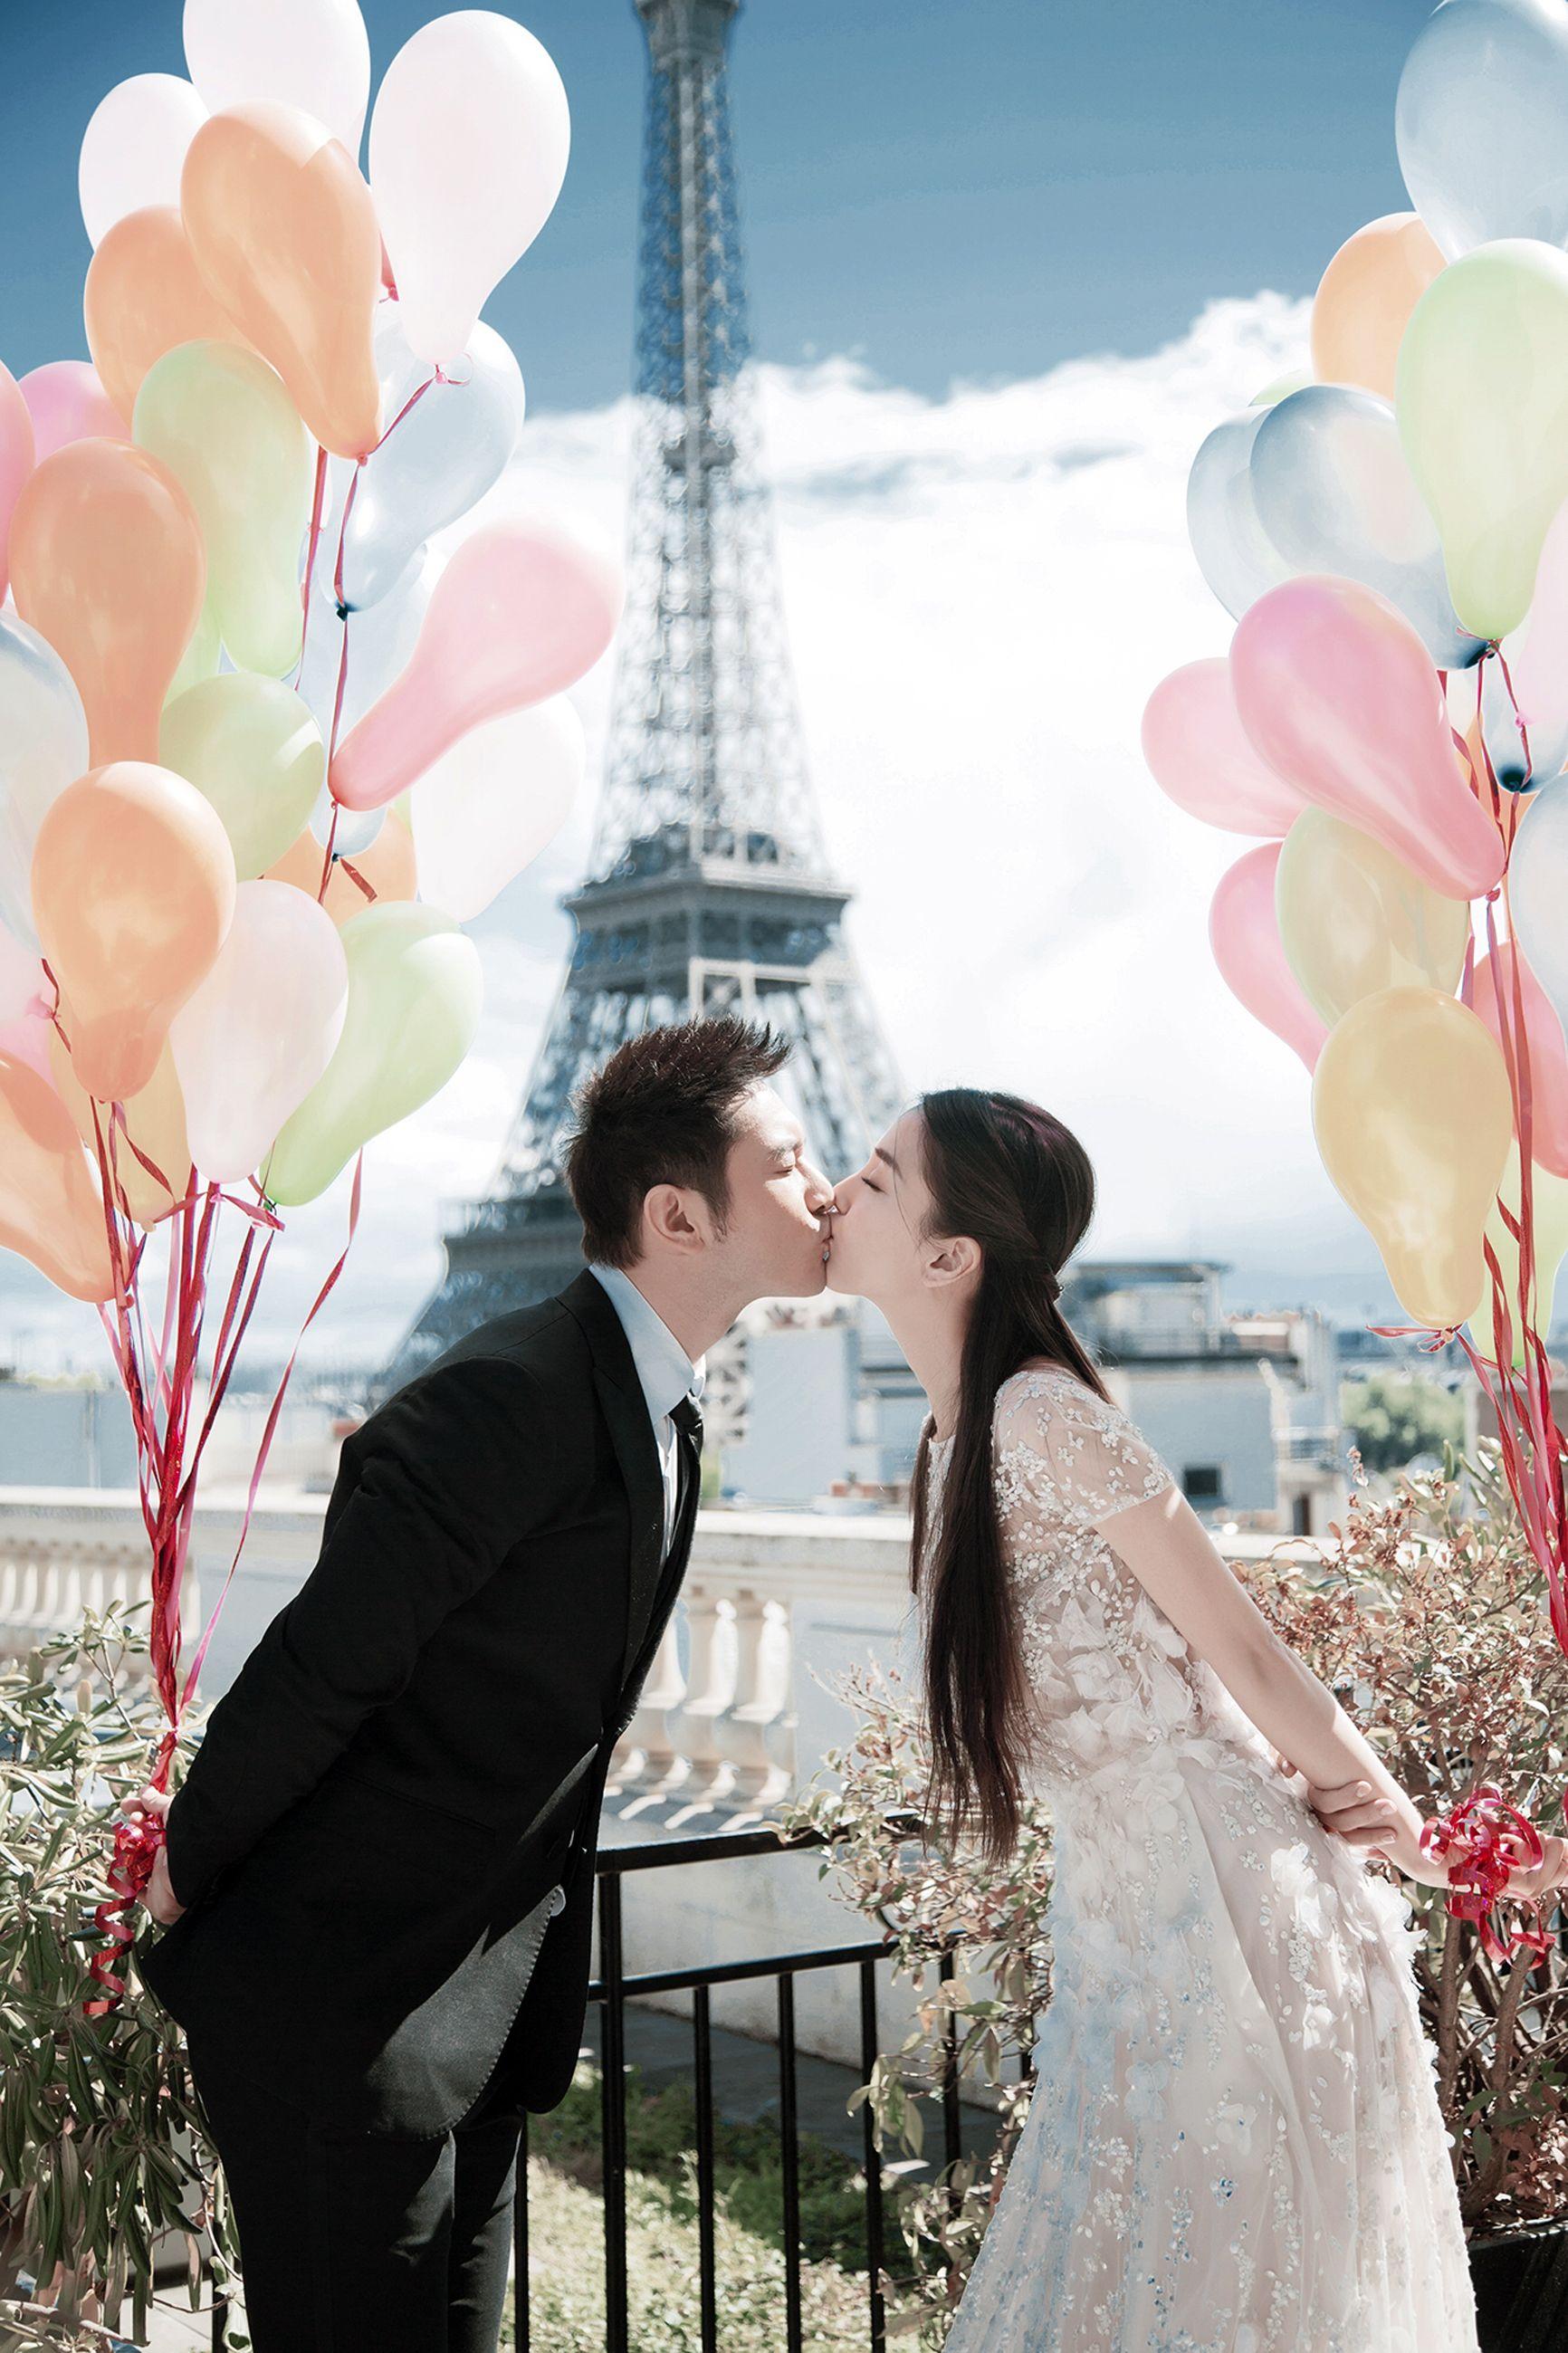 анджела бейби свадьба фото того, называются